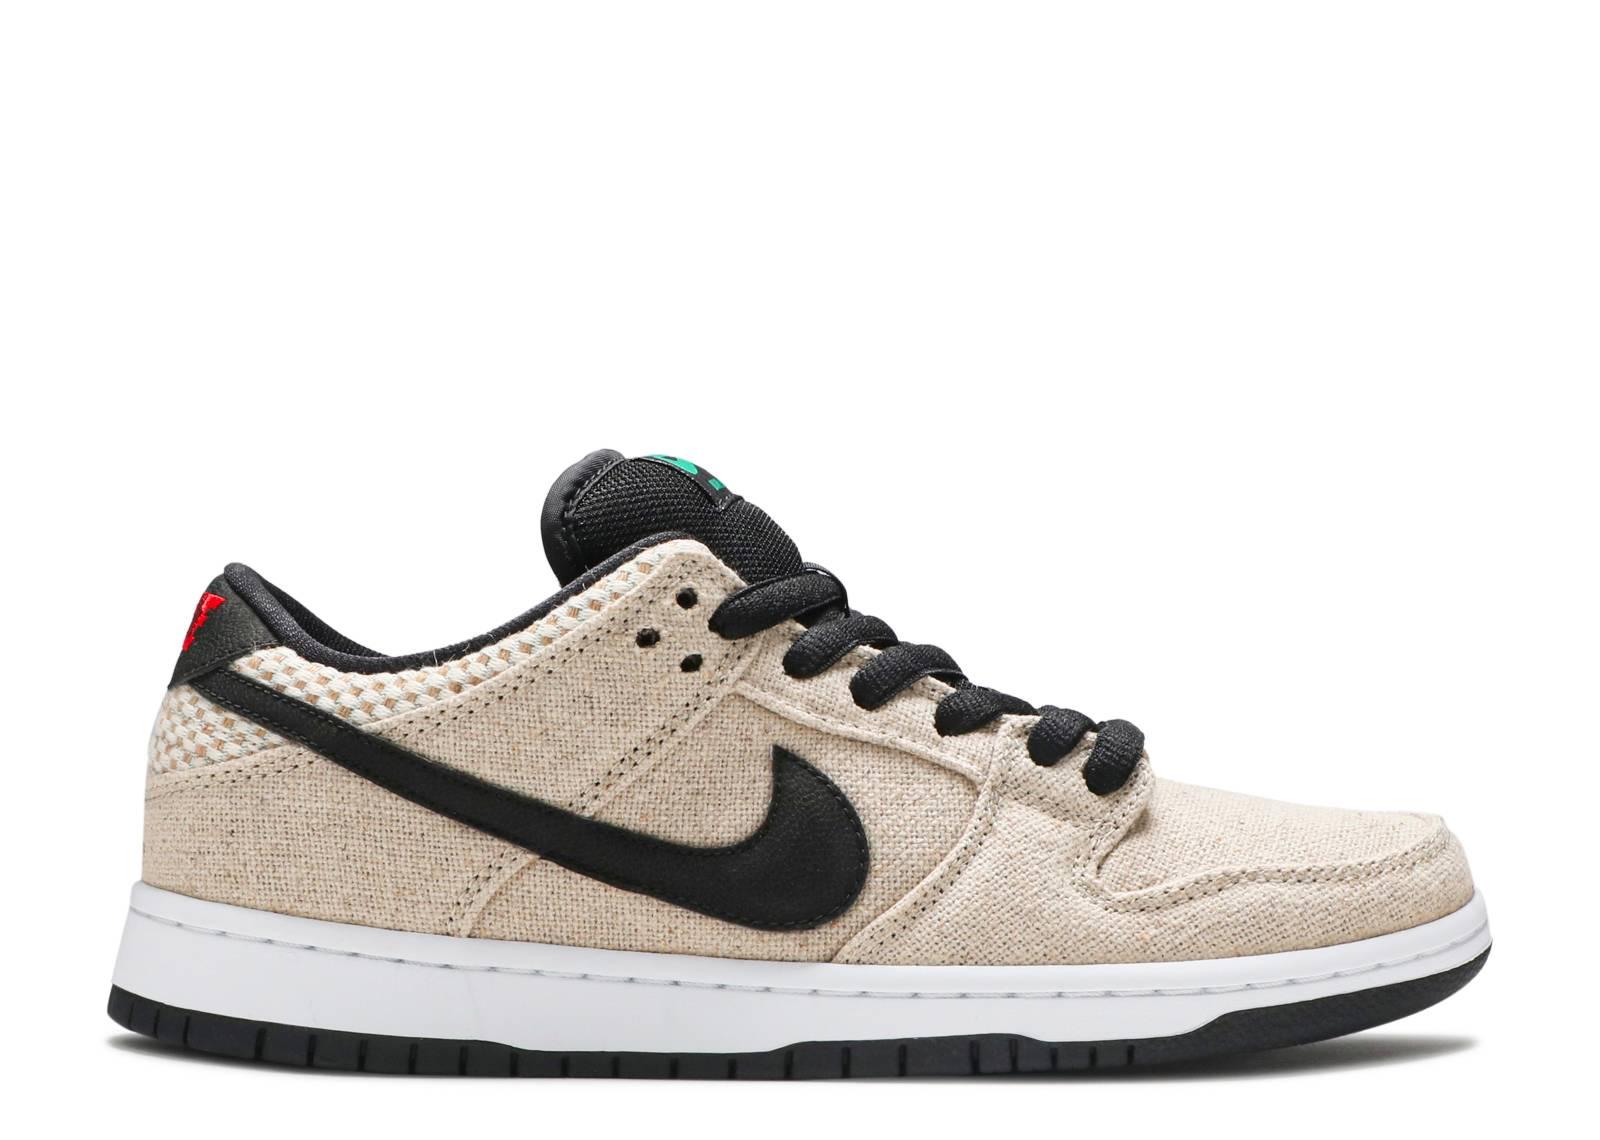 Nike Sb Shoes Flight Club